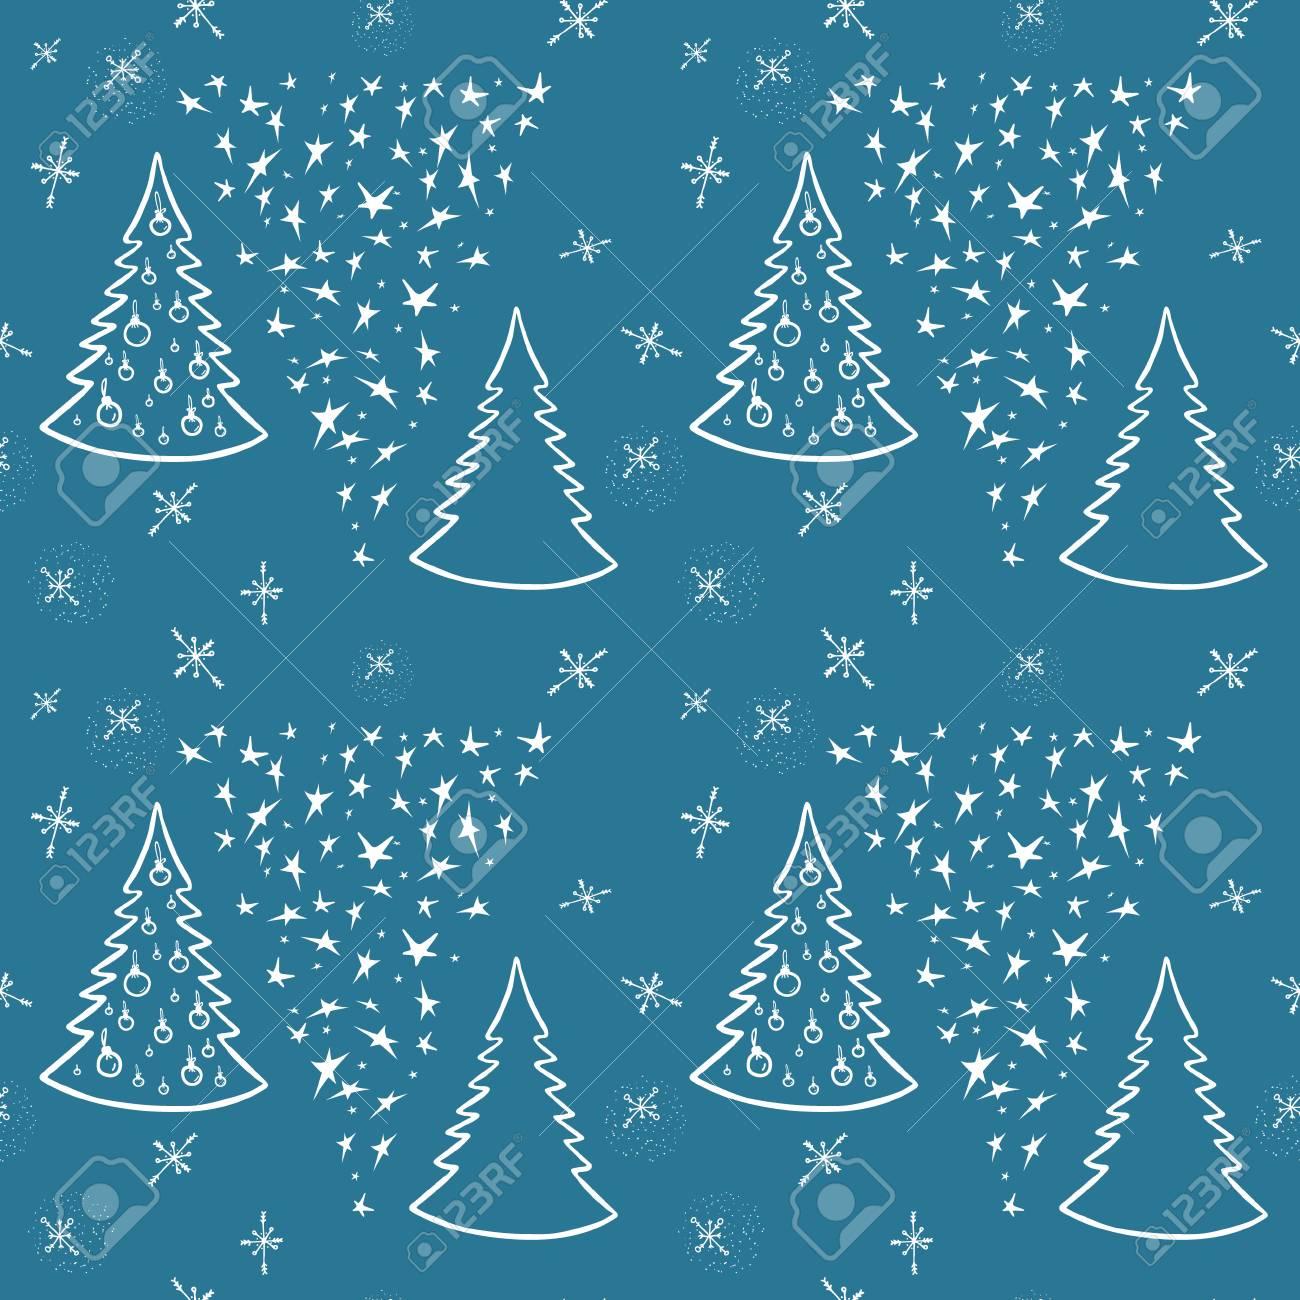 クリスマスの背景星とクリスマス ツリー包装紙壁紙用イラスト